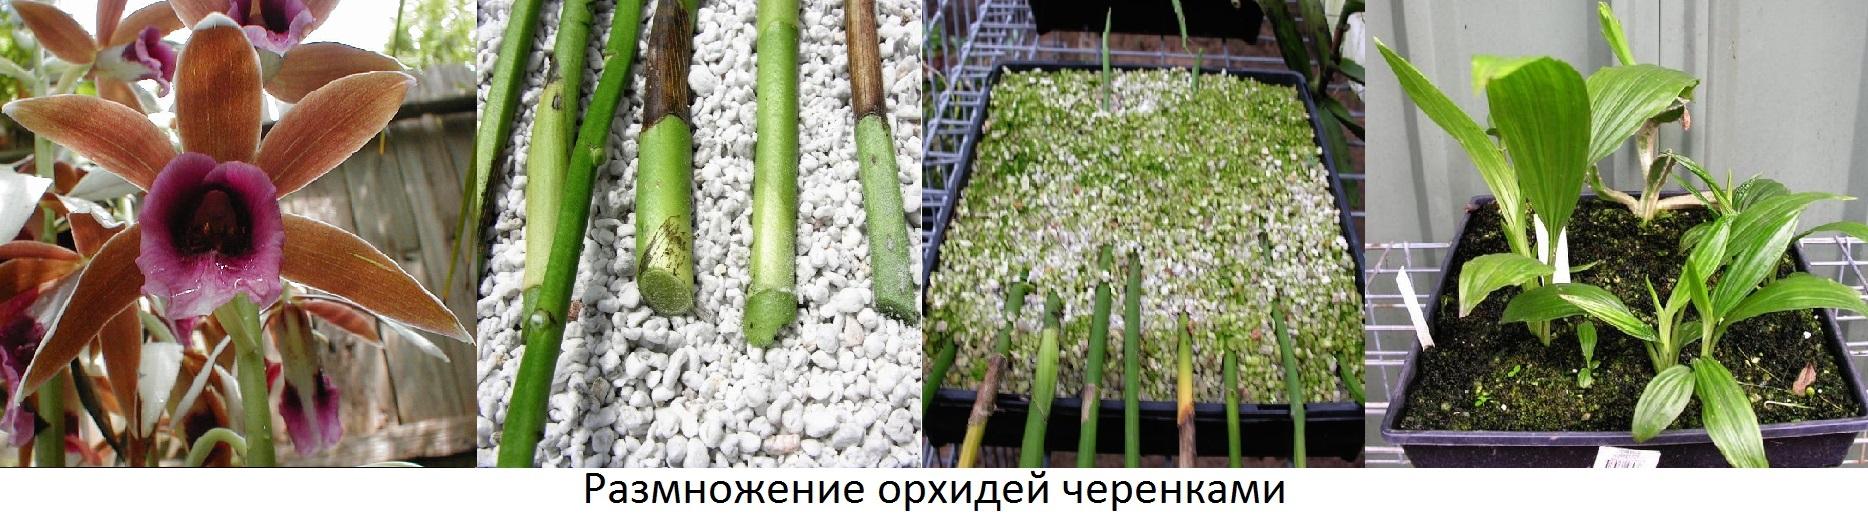 Орхидея уход и размножение в домашних условиях видео